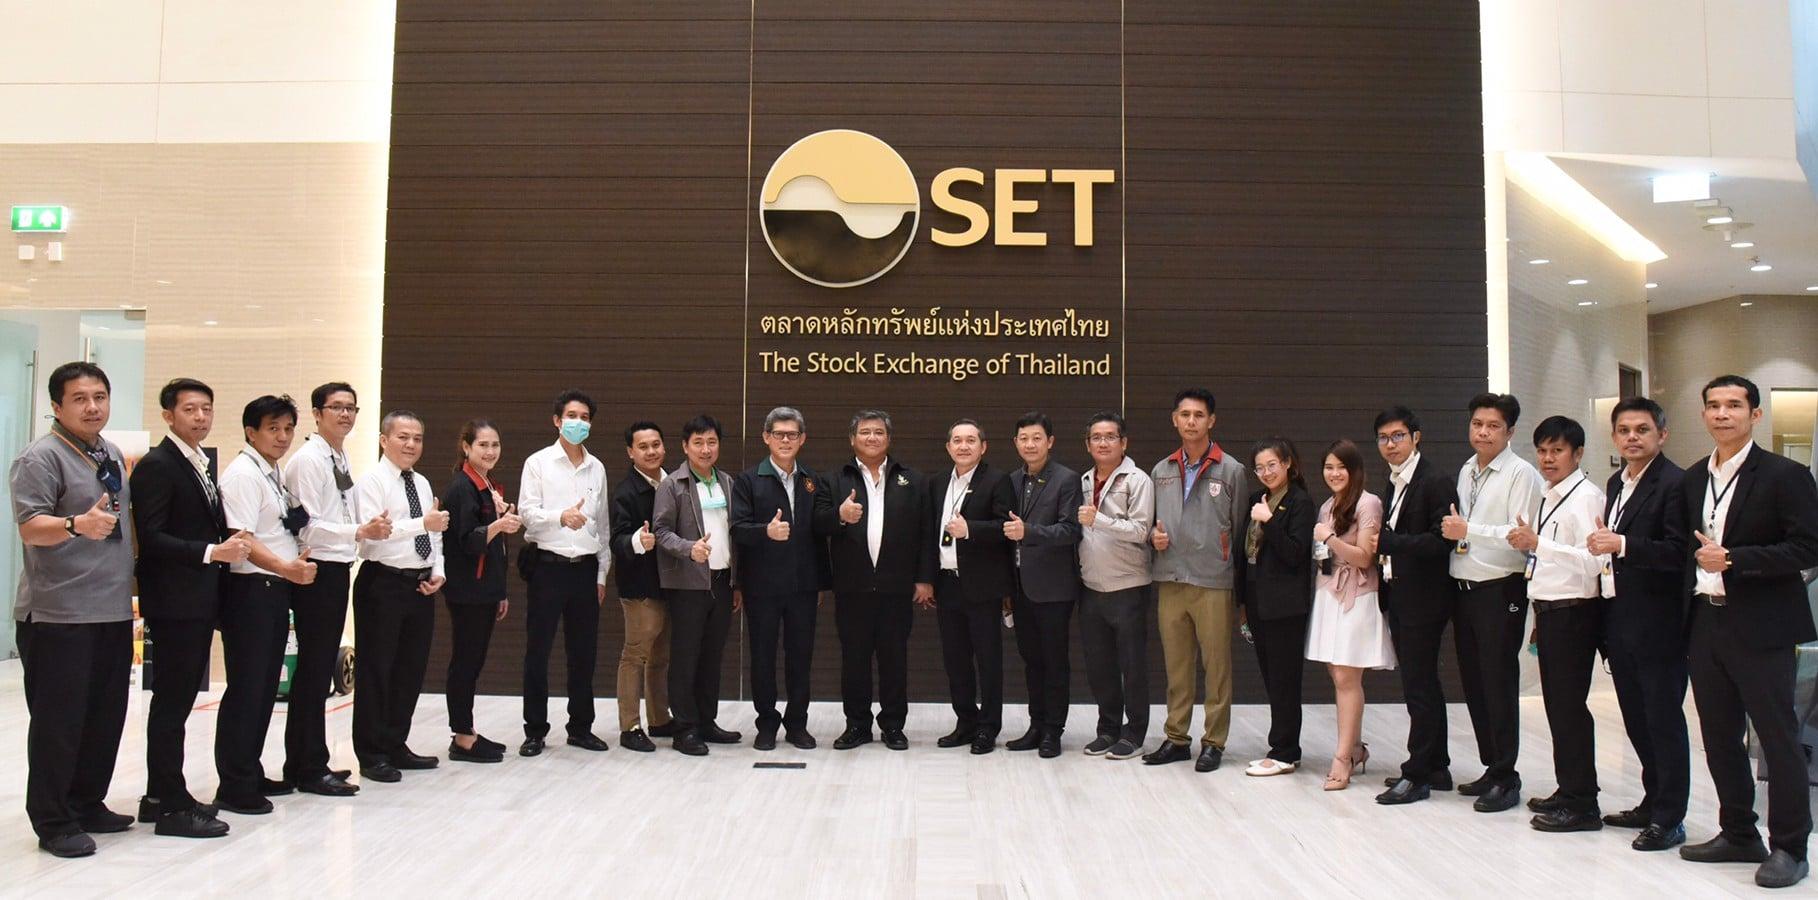 คณะกรรมการโครงการ ASEAN Building Fire Safety Awards 2020 ในคณะกรรมการต่างประเทศ วิศวกรรมสถานแห่งประเทศไทยฯ (วสท.) เข้าตรวจอาคารที่ผ่านการคัดเลือกรอบแรก